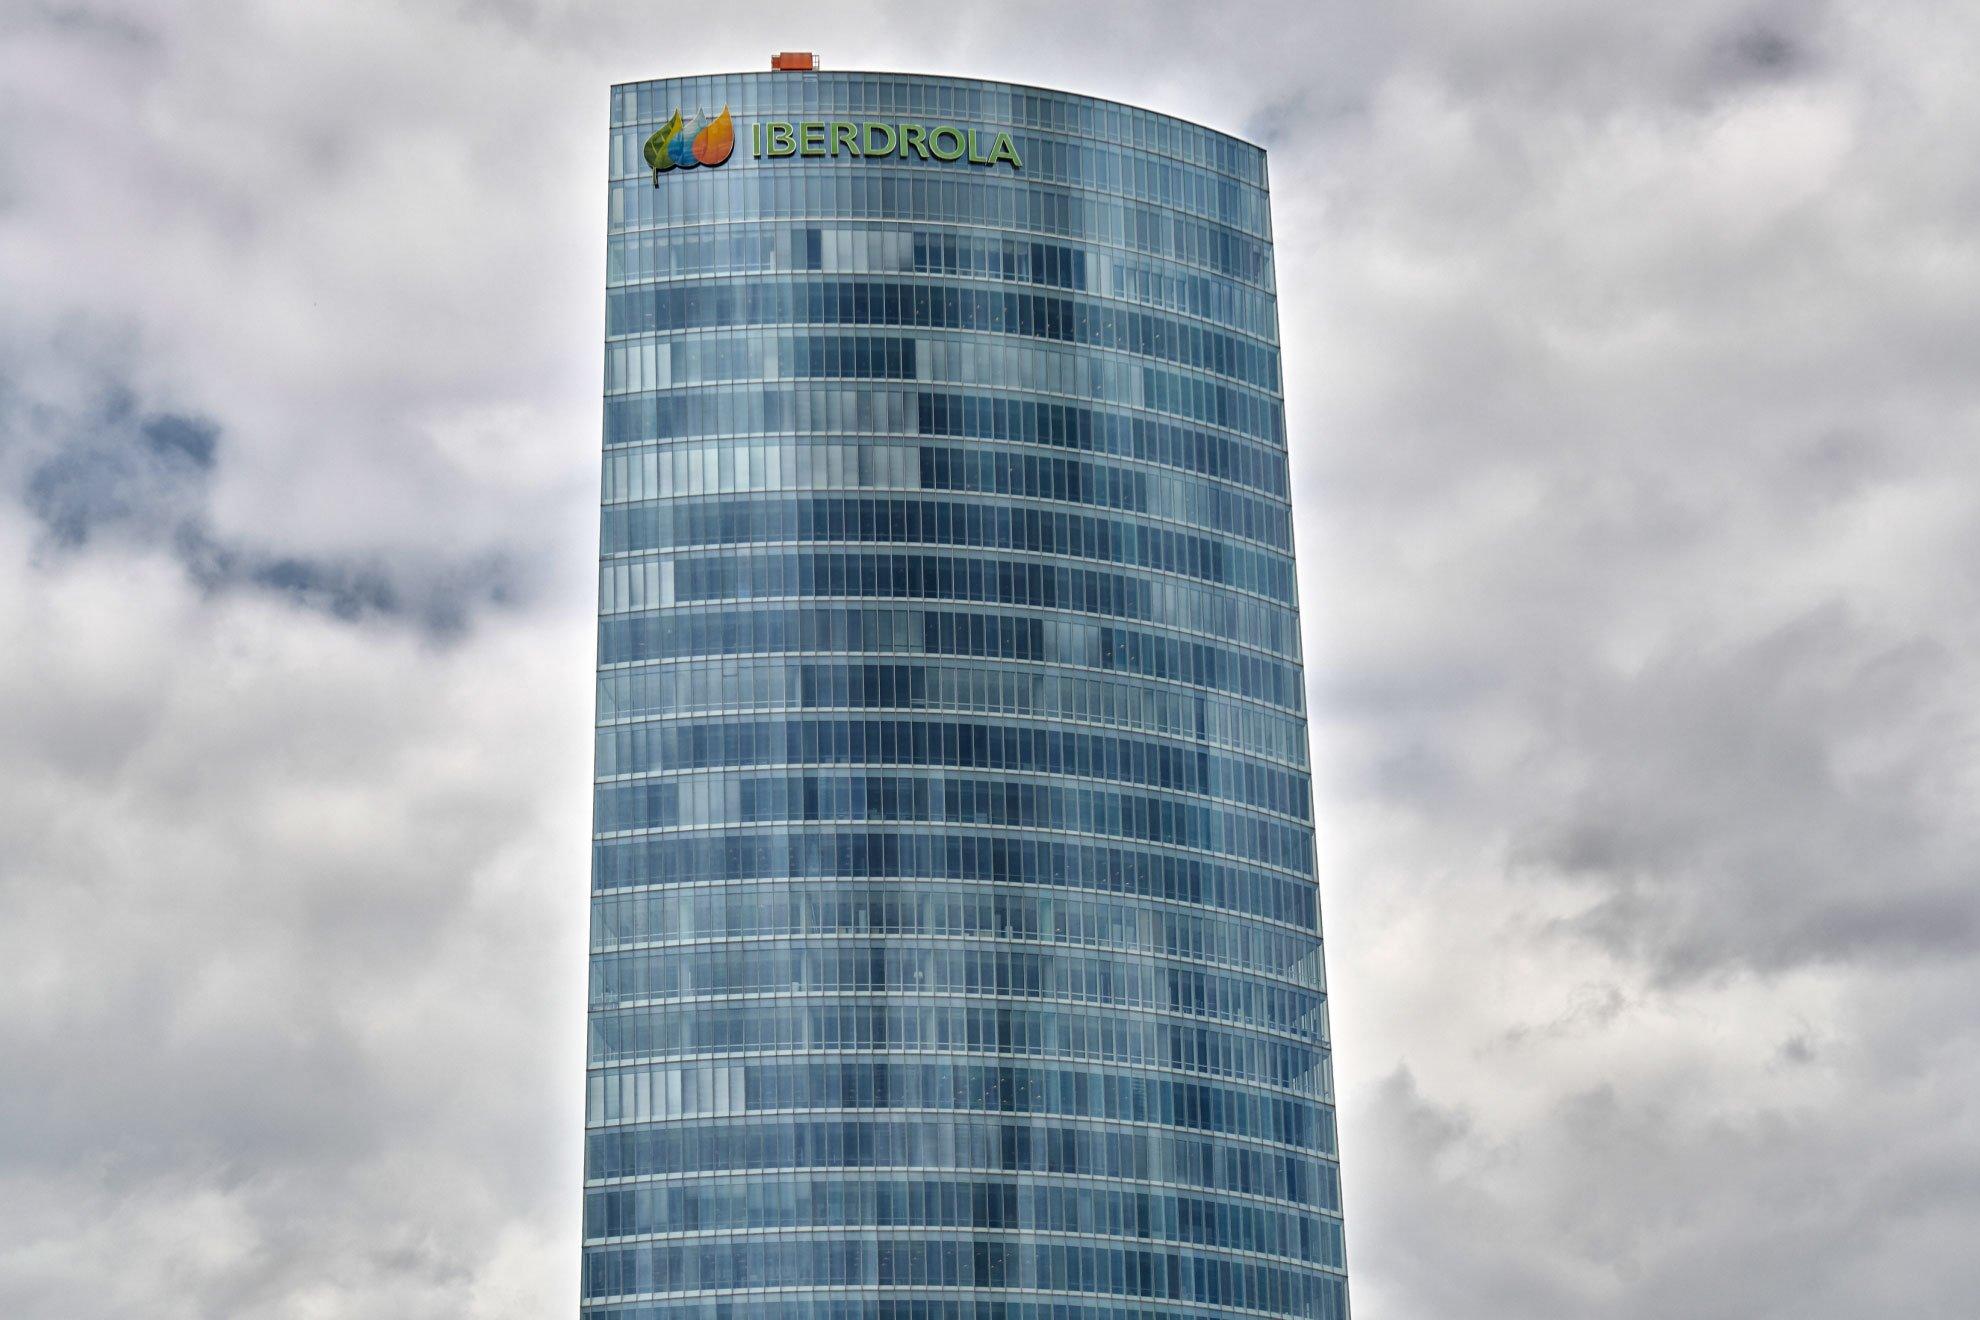 imagen de edificio iberdrola